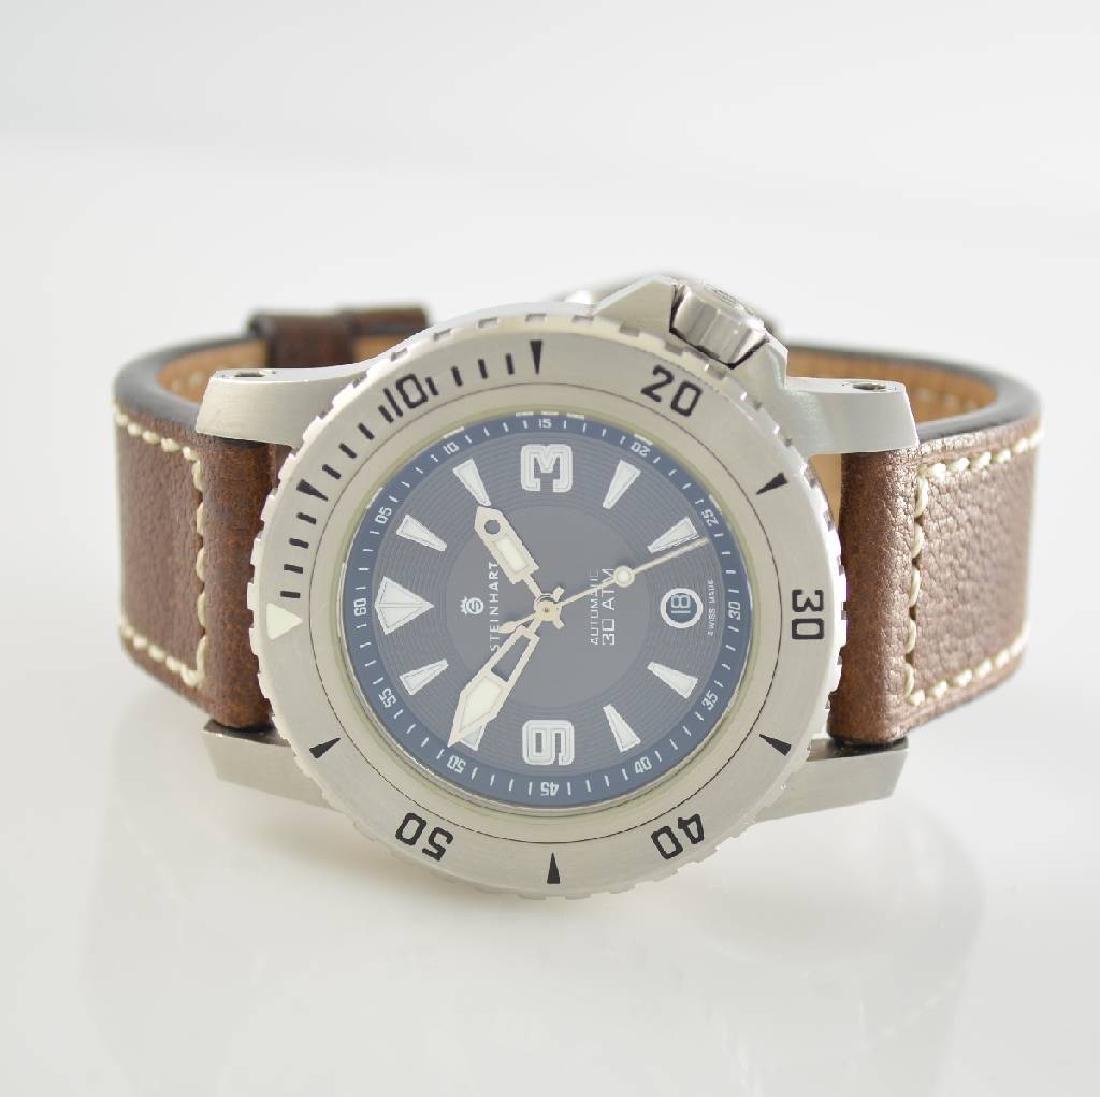 STEINHART Triton gents wristwatch in stainless steel